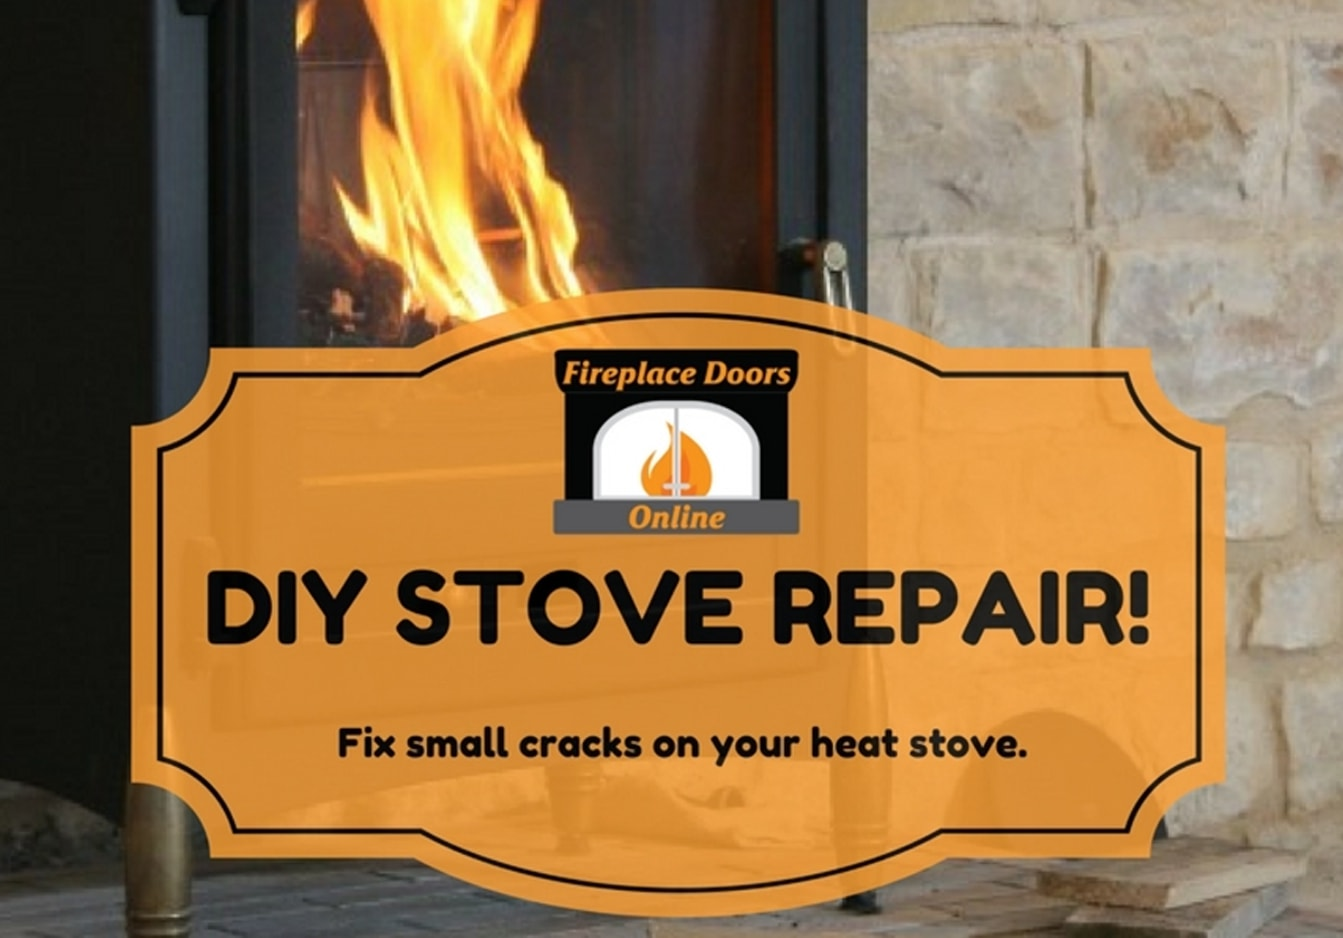 DIY Stove Repair